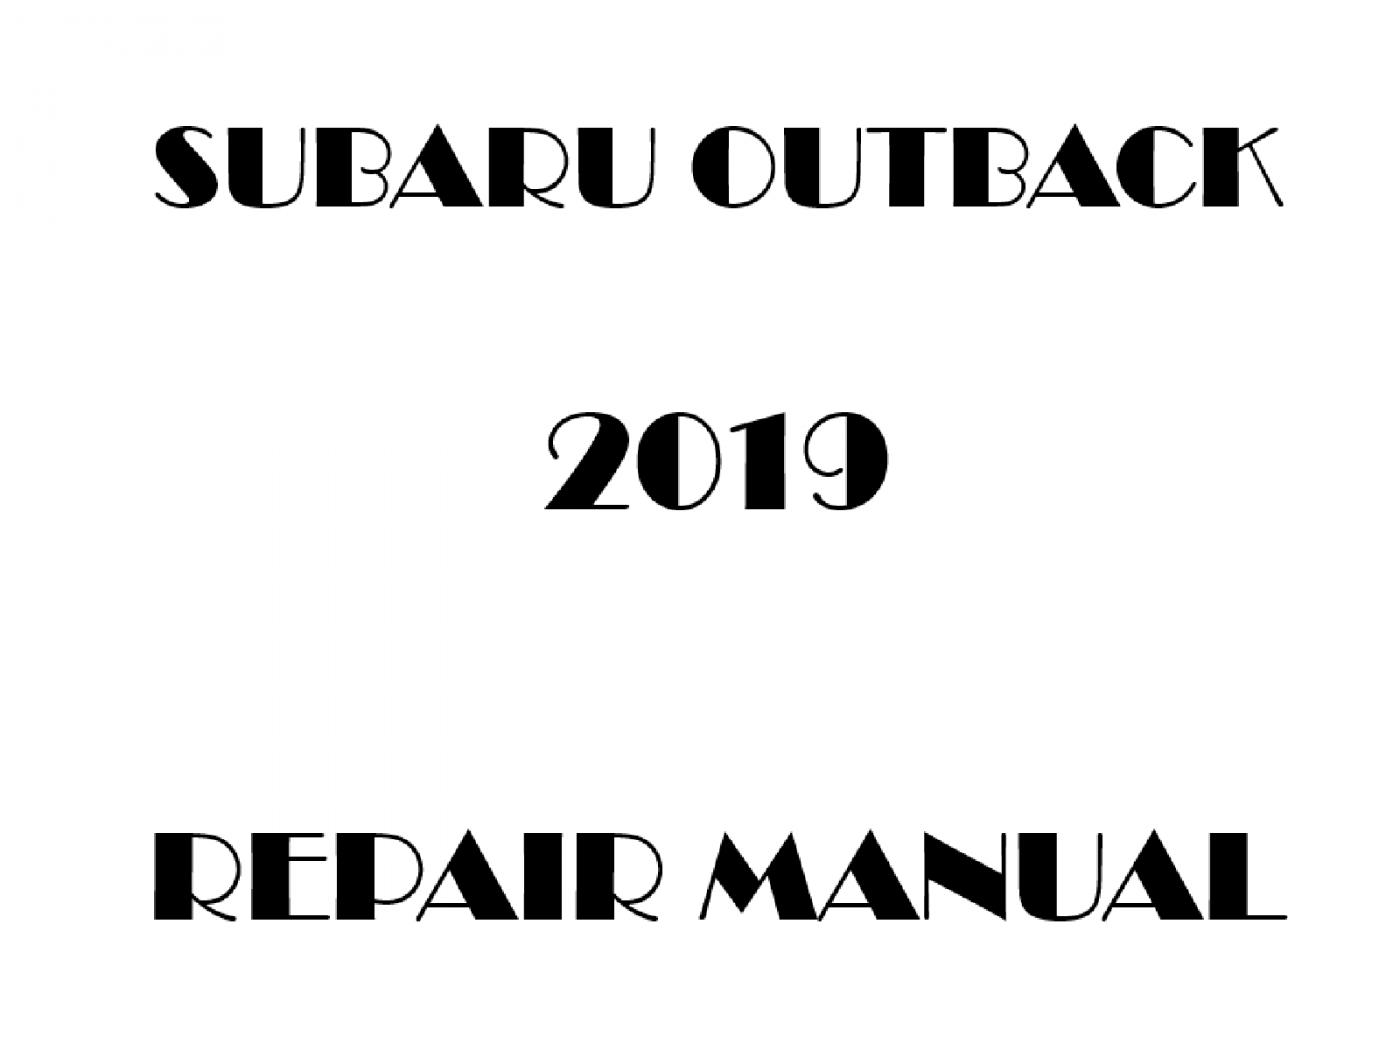 Subaru Outback 2019 factory repair manual